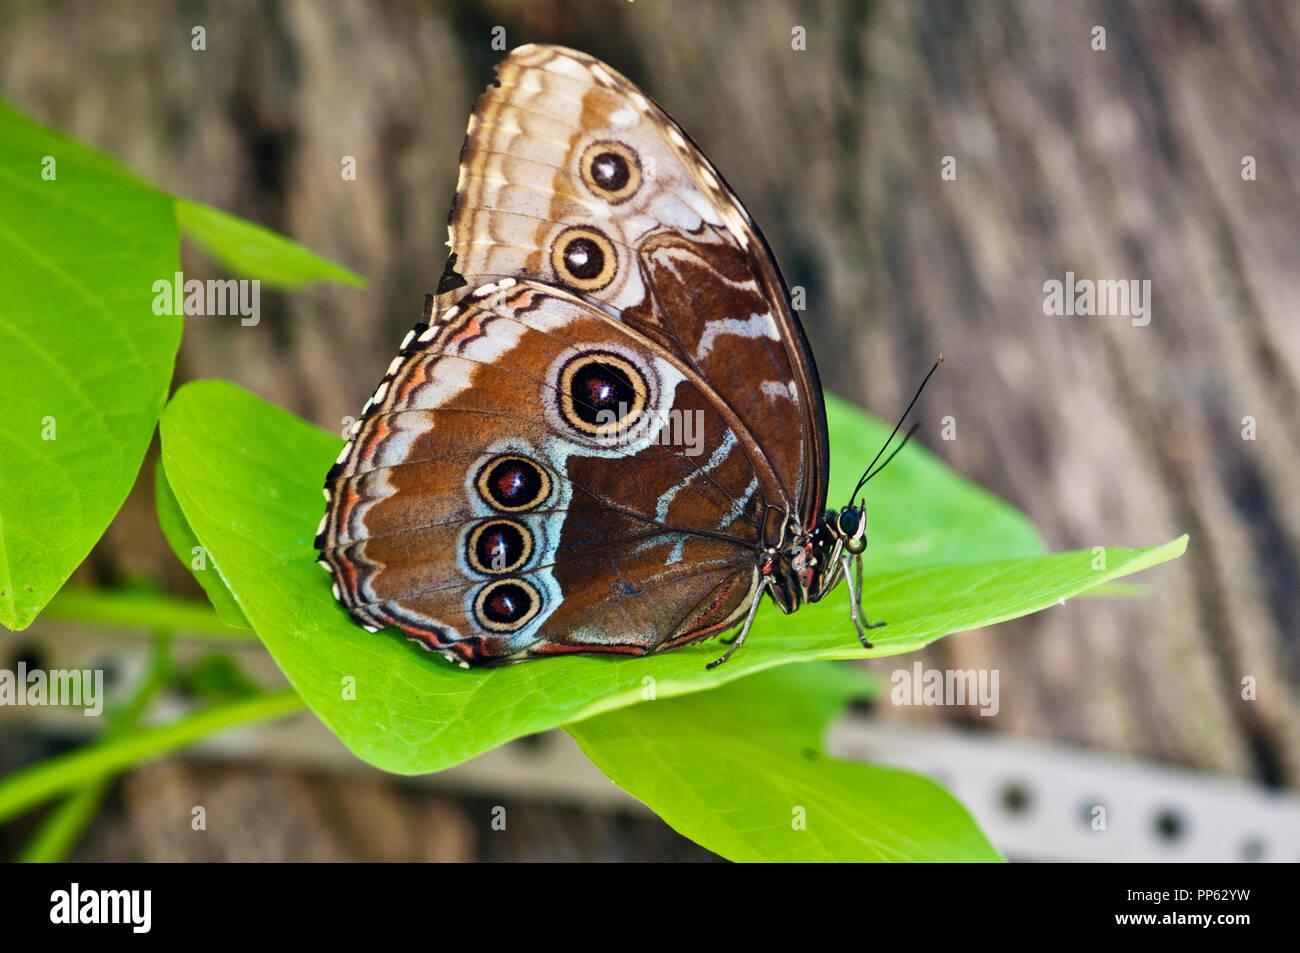 Vista ventral del ala de mariposa Morpho azul (Morpho peleides) en la pantalla de mariposas en el Zoológico de la ciudad de Boise en Boise, Idaho Imagen De Stock